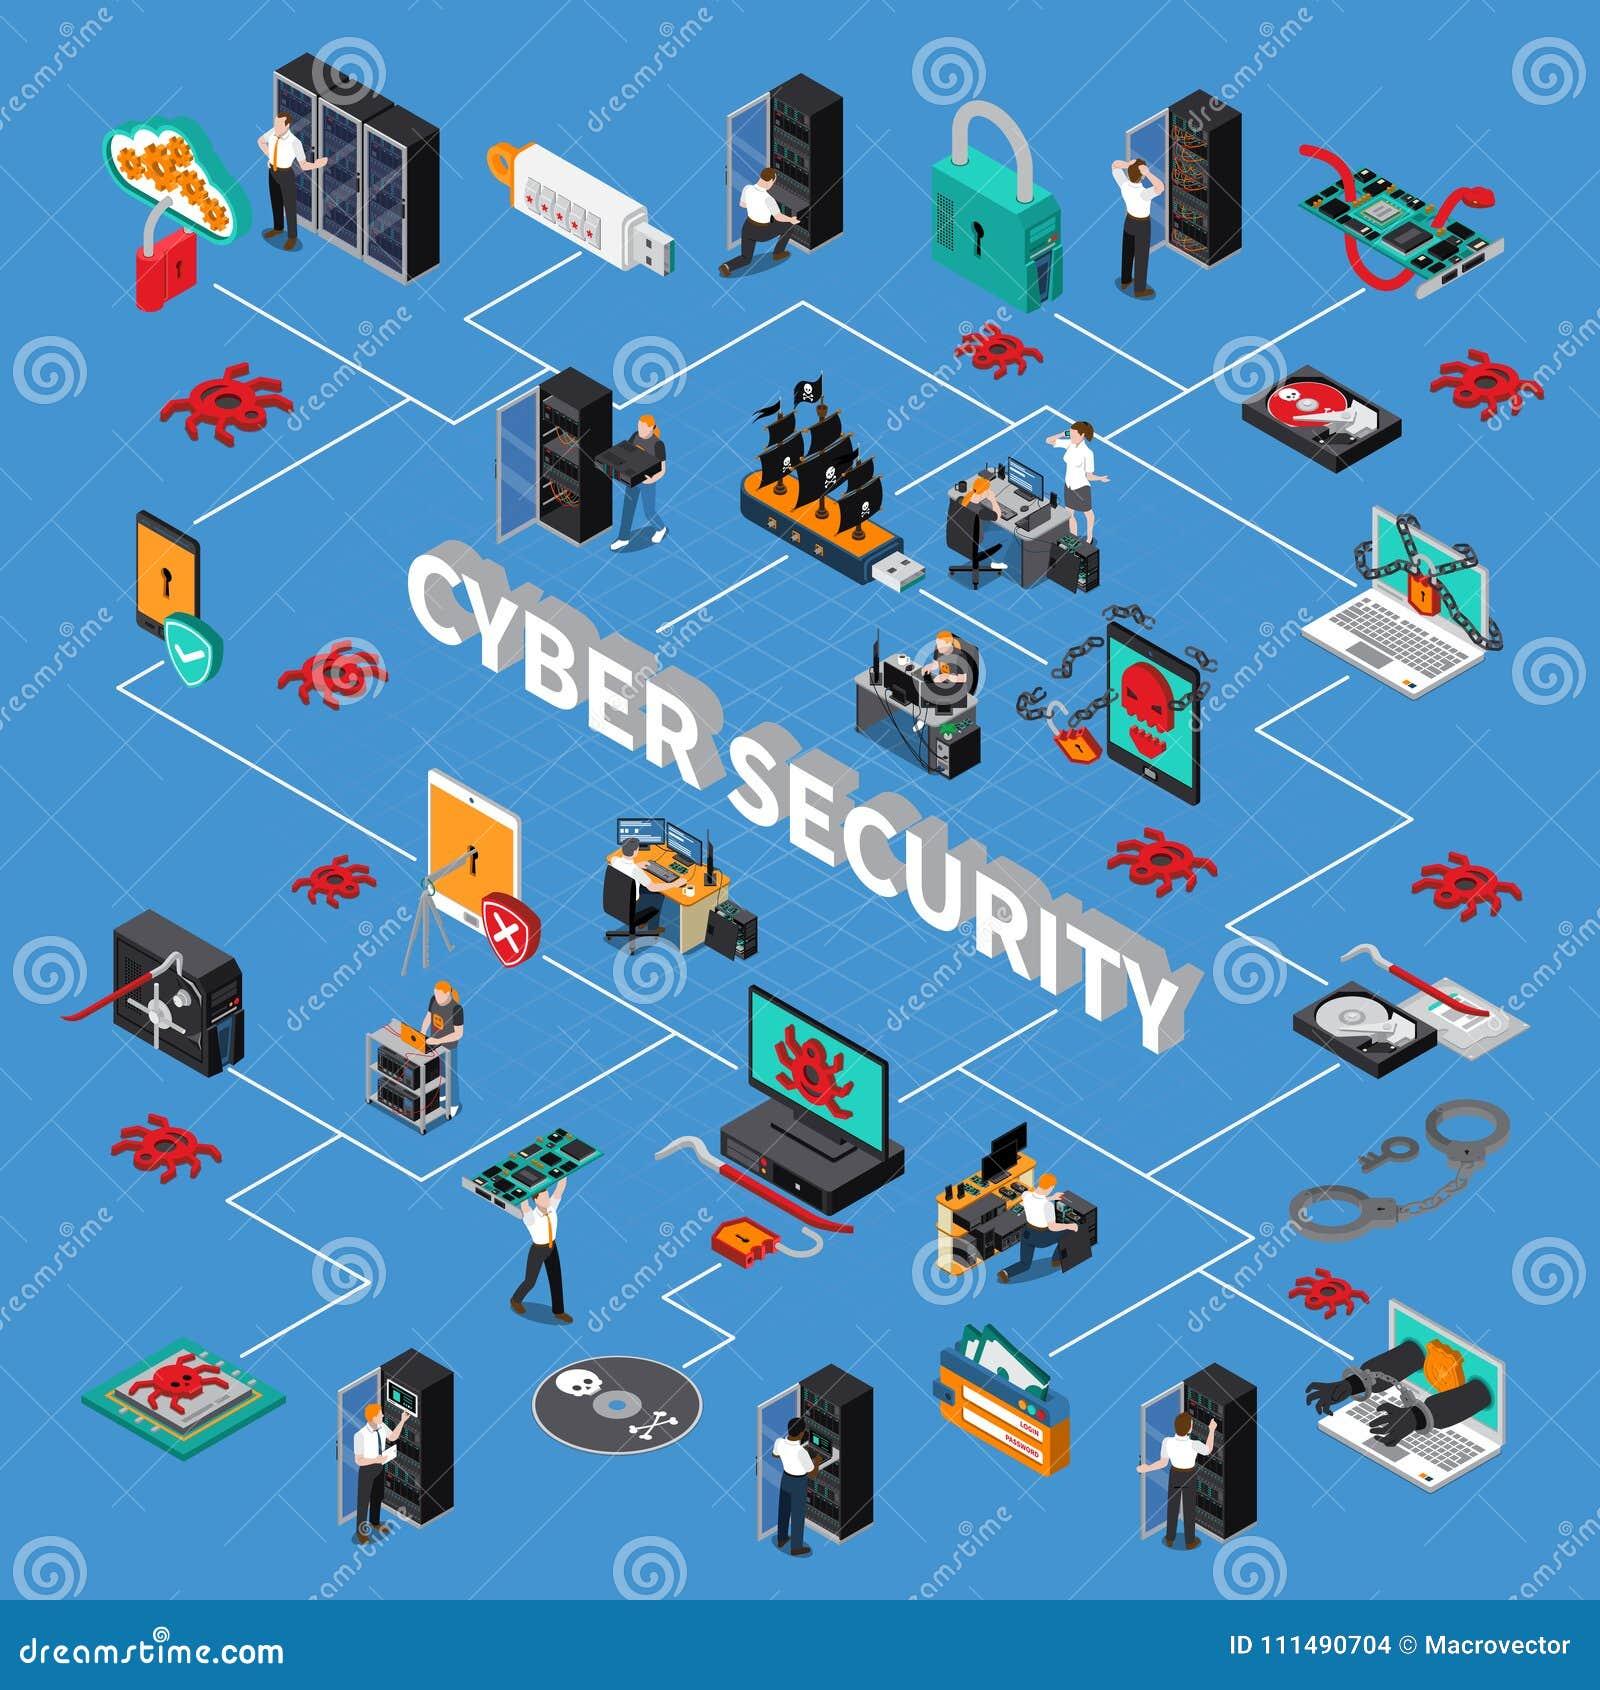 Organigrama isométrico de la seguridad cibernética